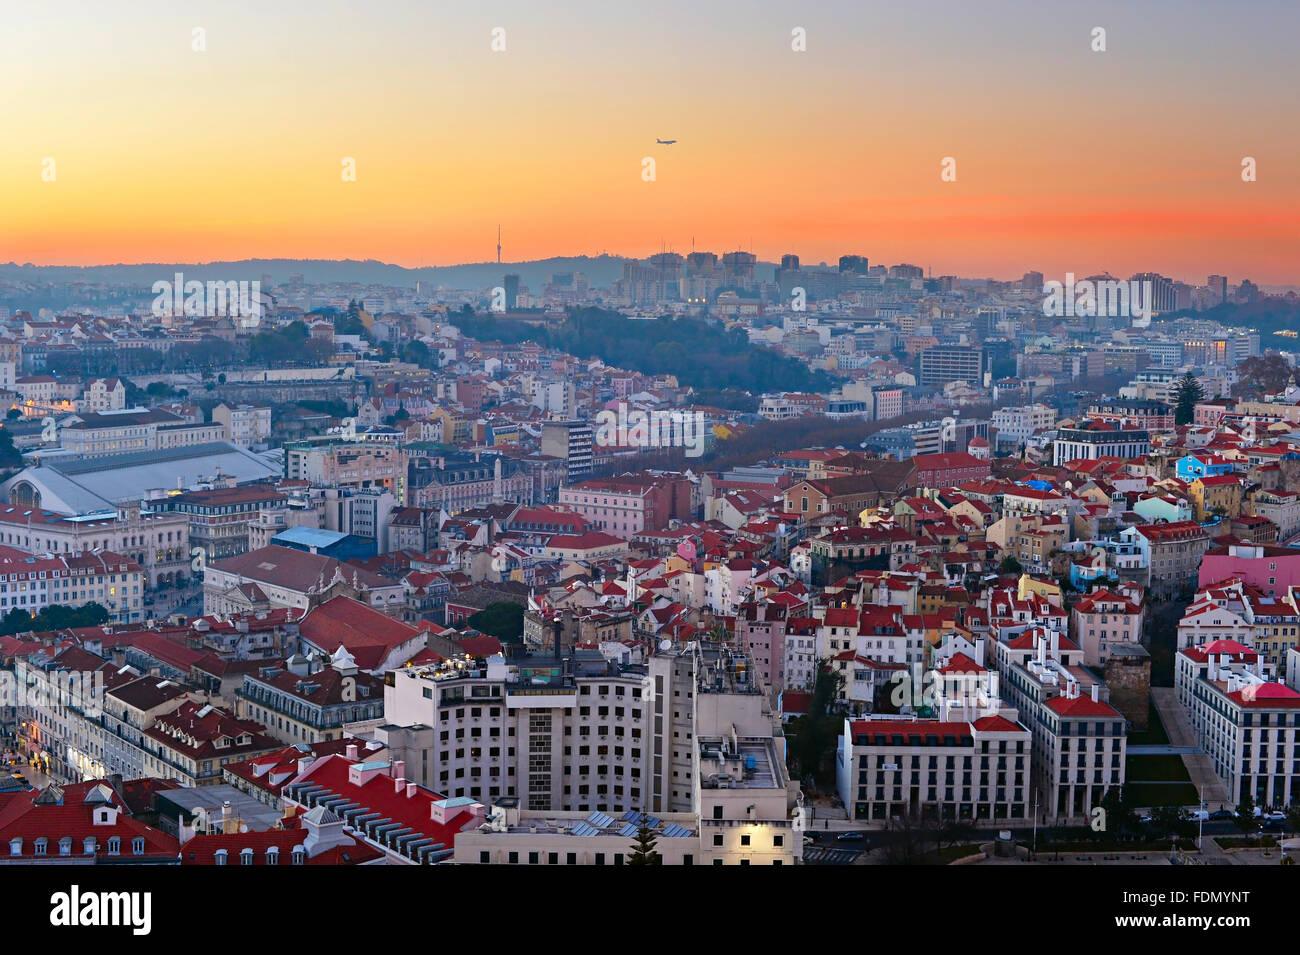 Volo aereo su Lisbona presso bellissimo tramonto. Portogallo Immagini Stock